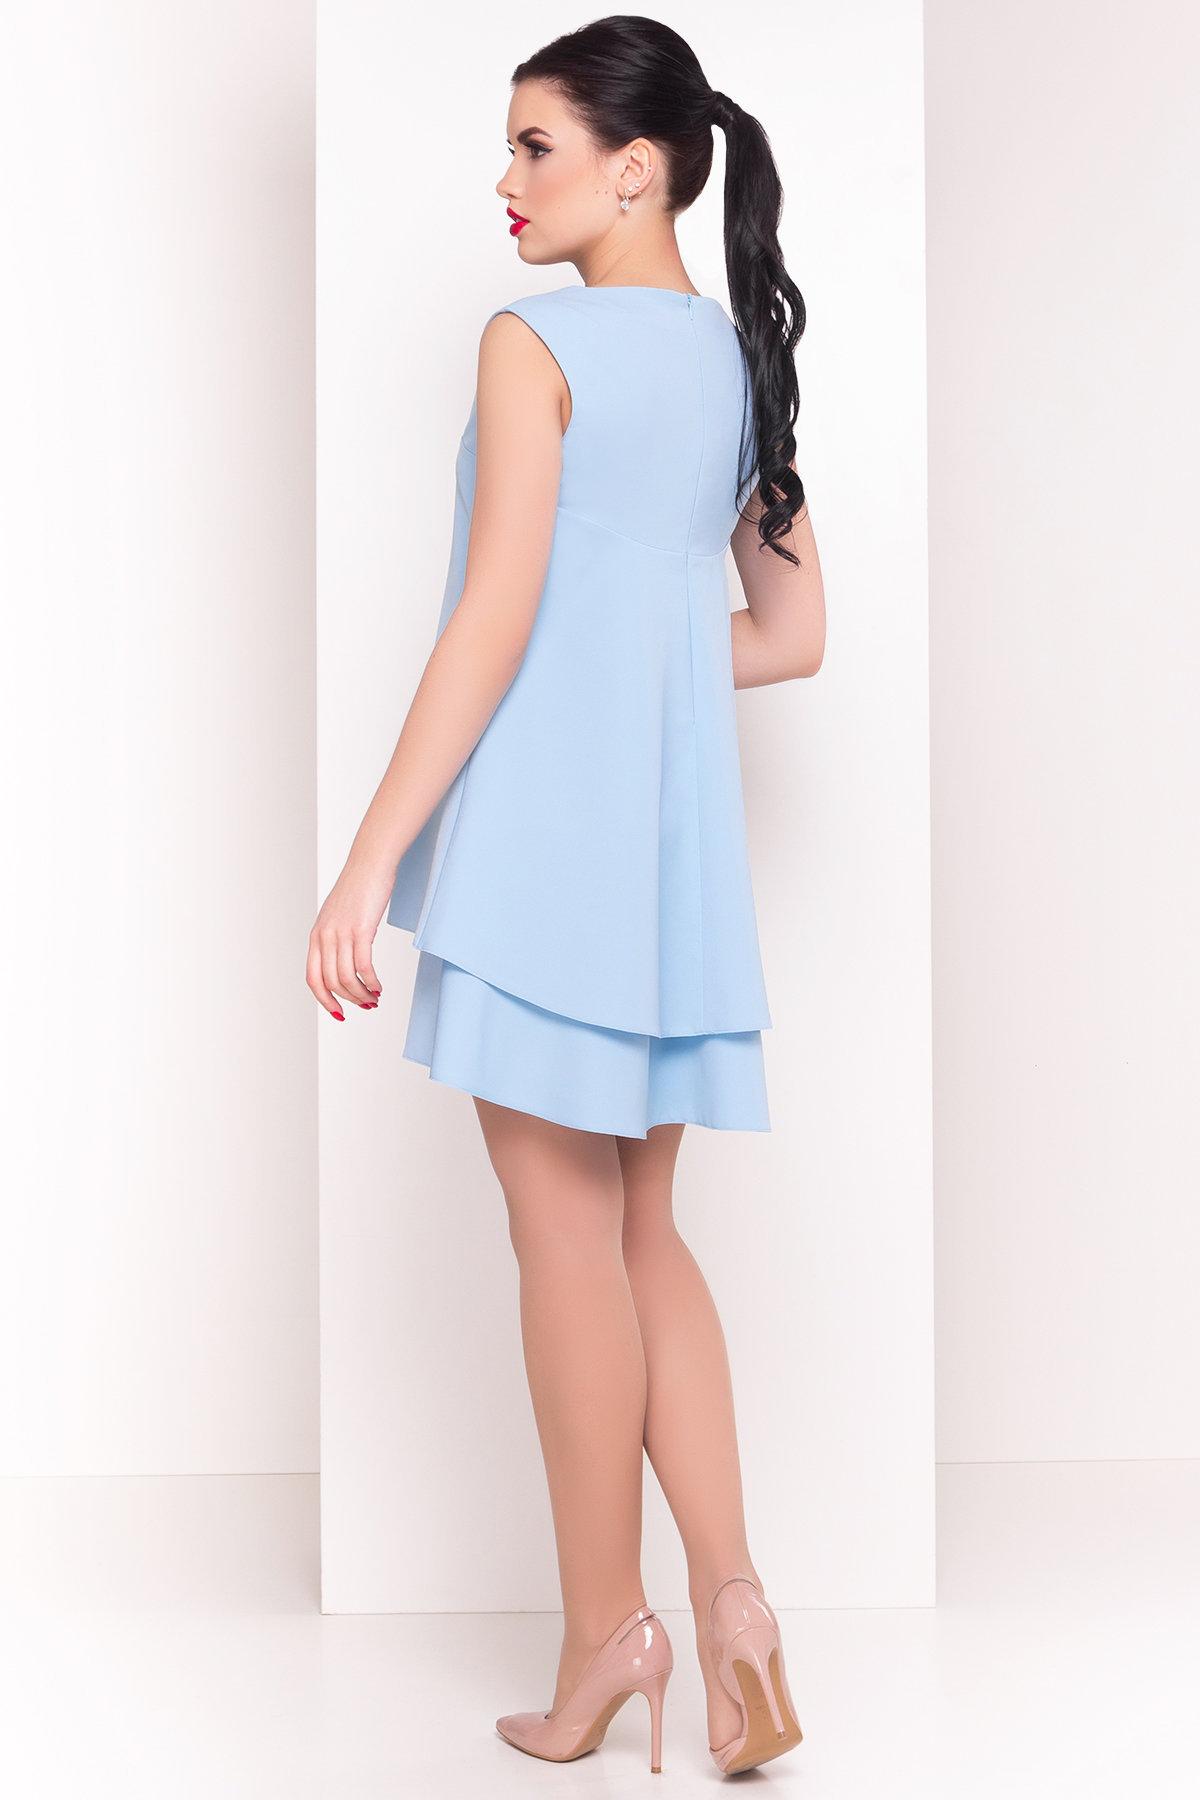 Платье Делафер 2965 АРТ. 15711 Цвет: Голубой - фото 2, интернет магазин tm-modus.ru